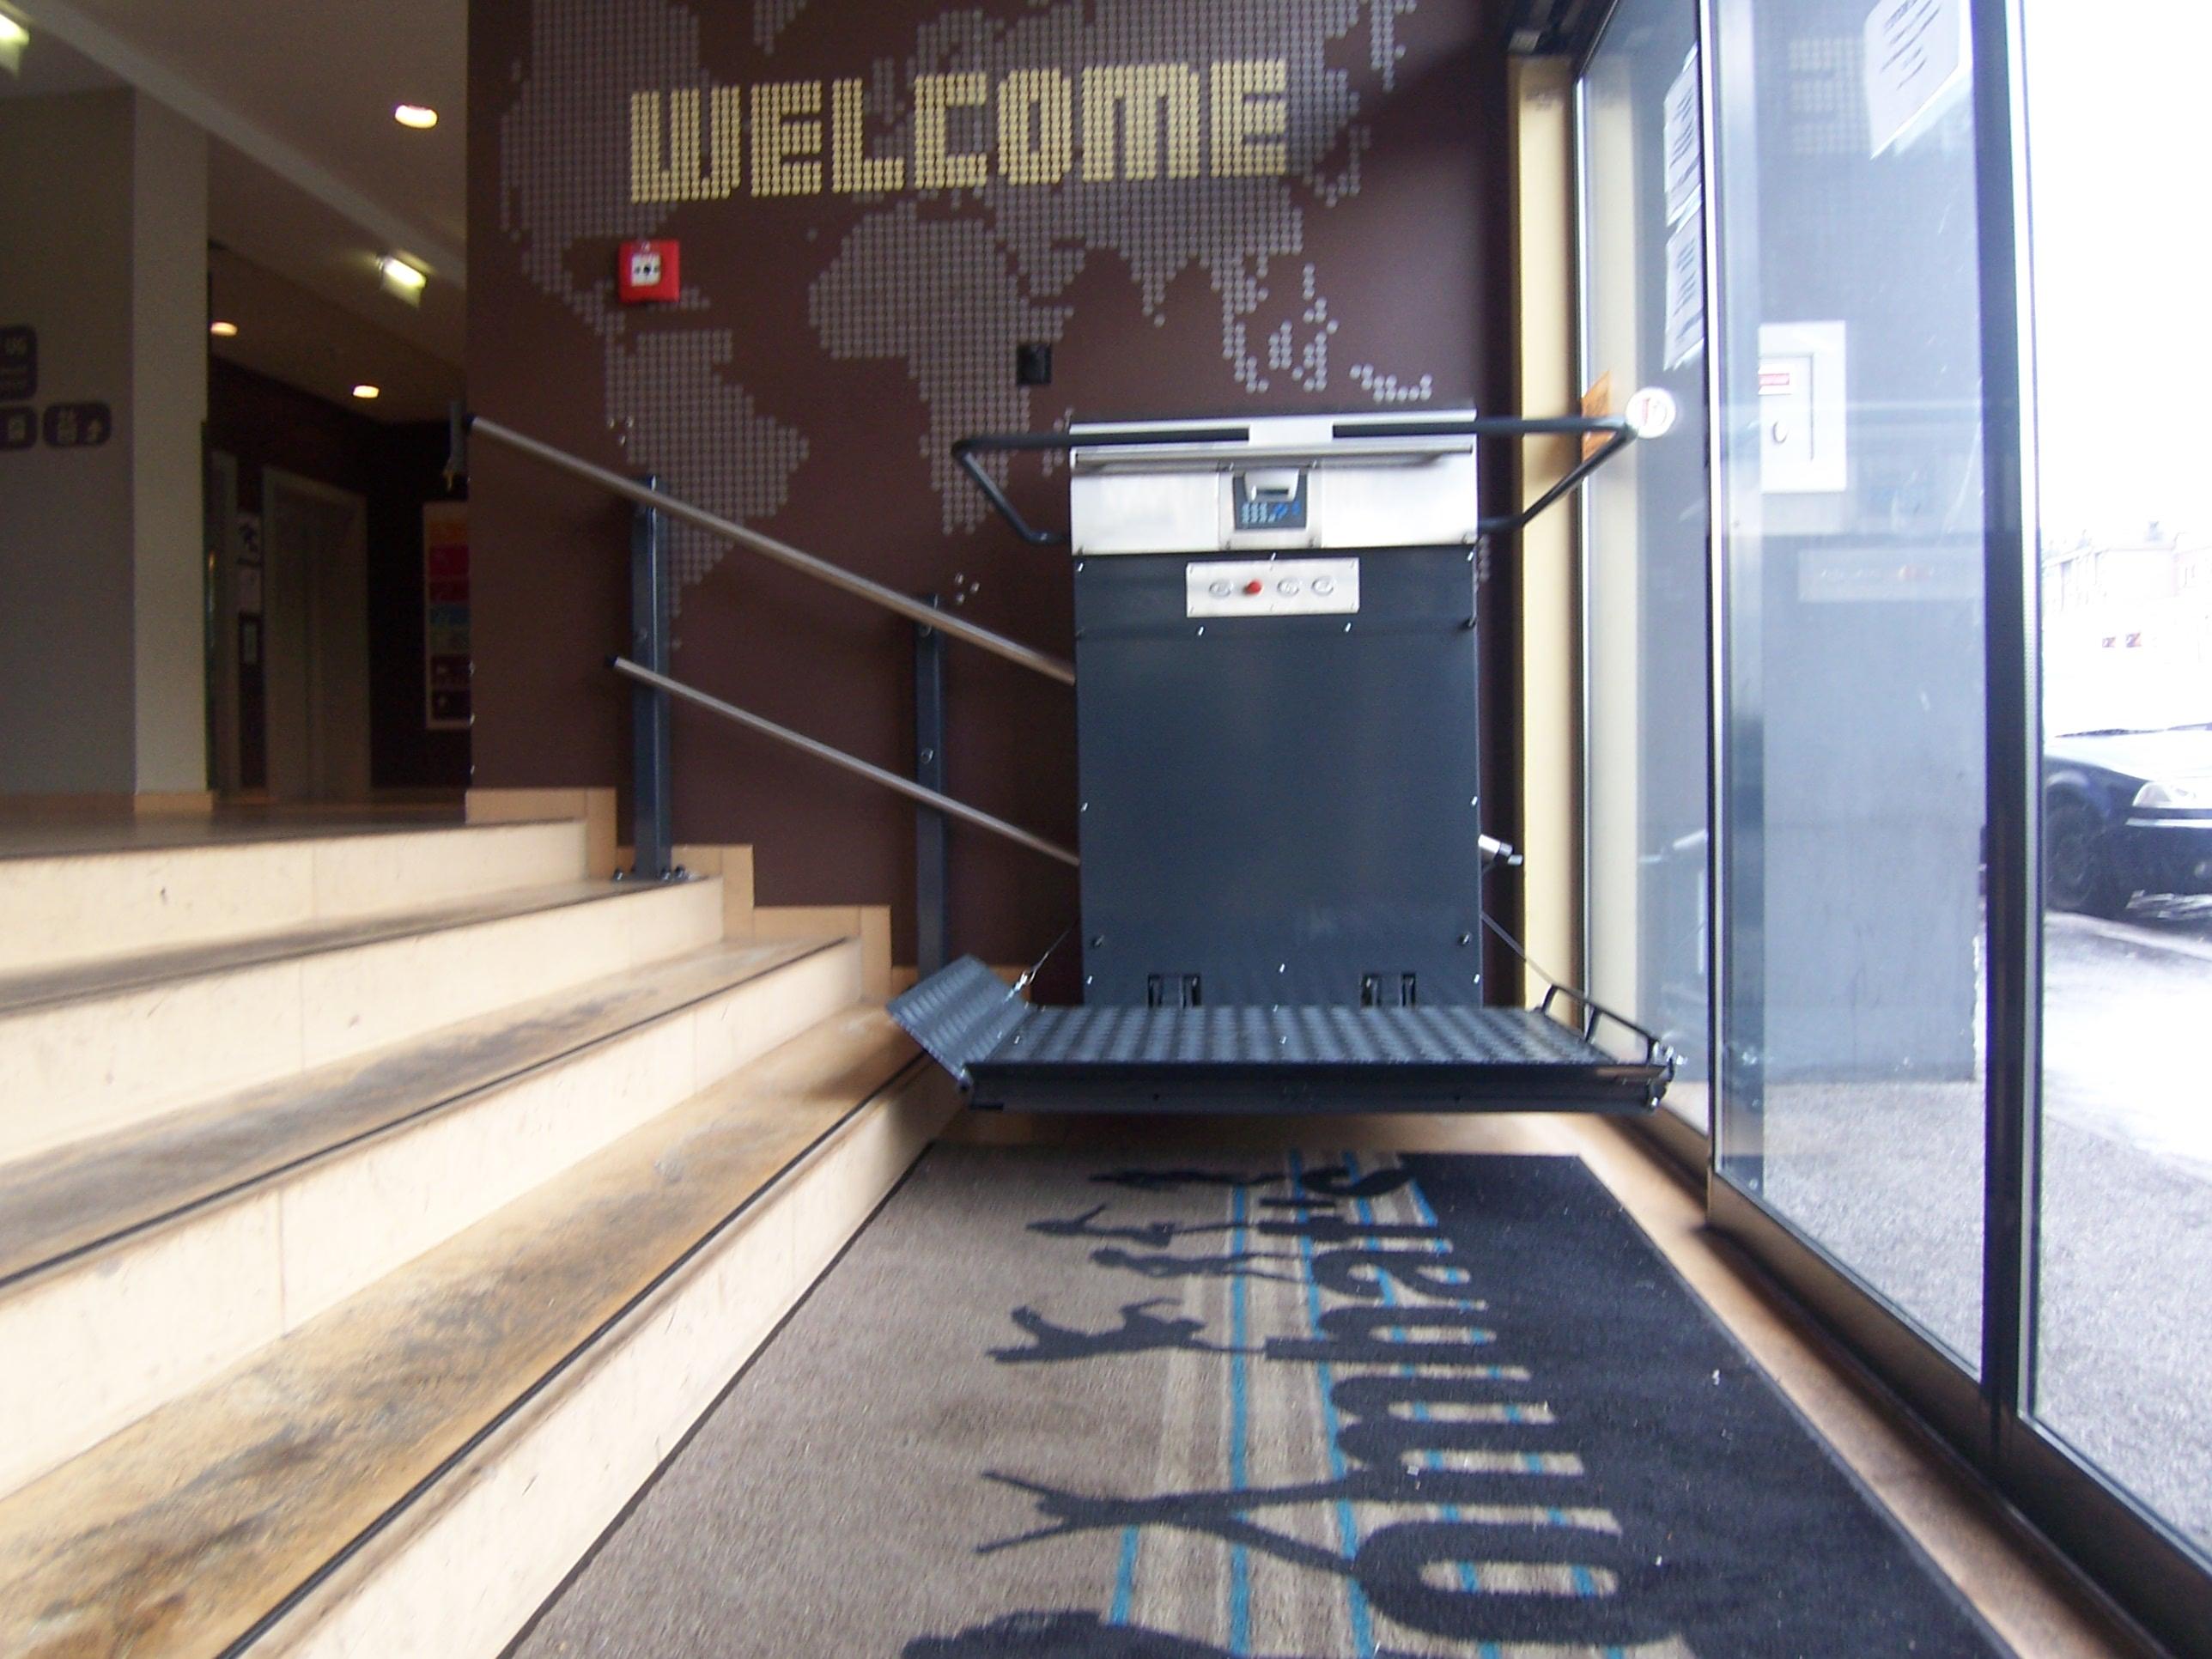 Plattformlifte GTL 20 ideal für die Nutzung in öffentlichen Gebäuden, wie Rathäusern, Restaurants, Gemeindehäusern etc.